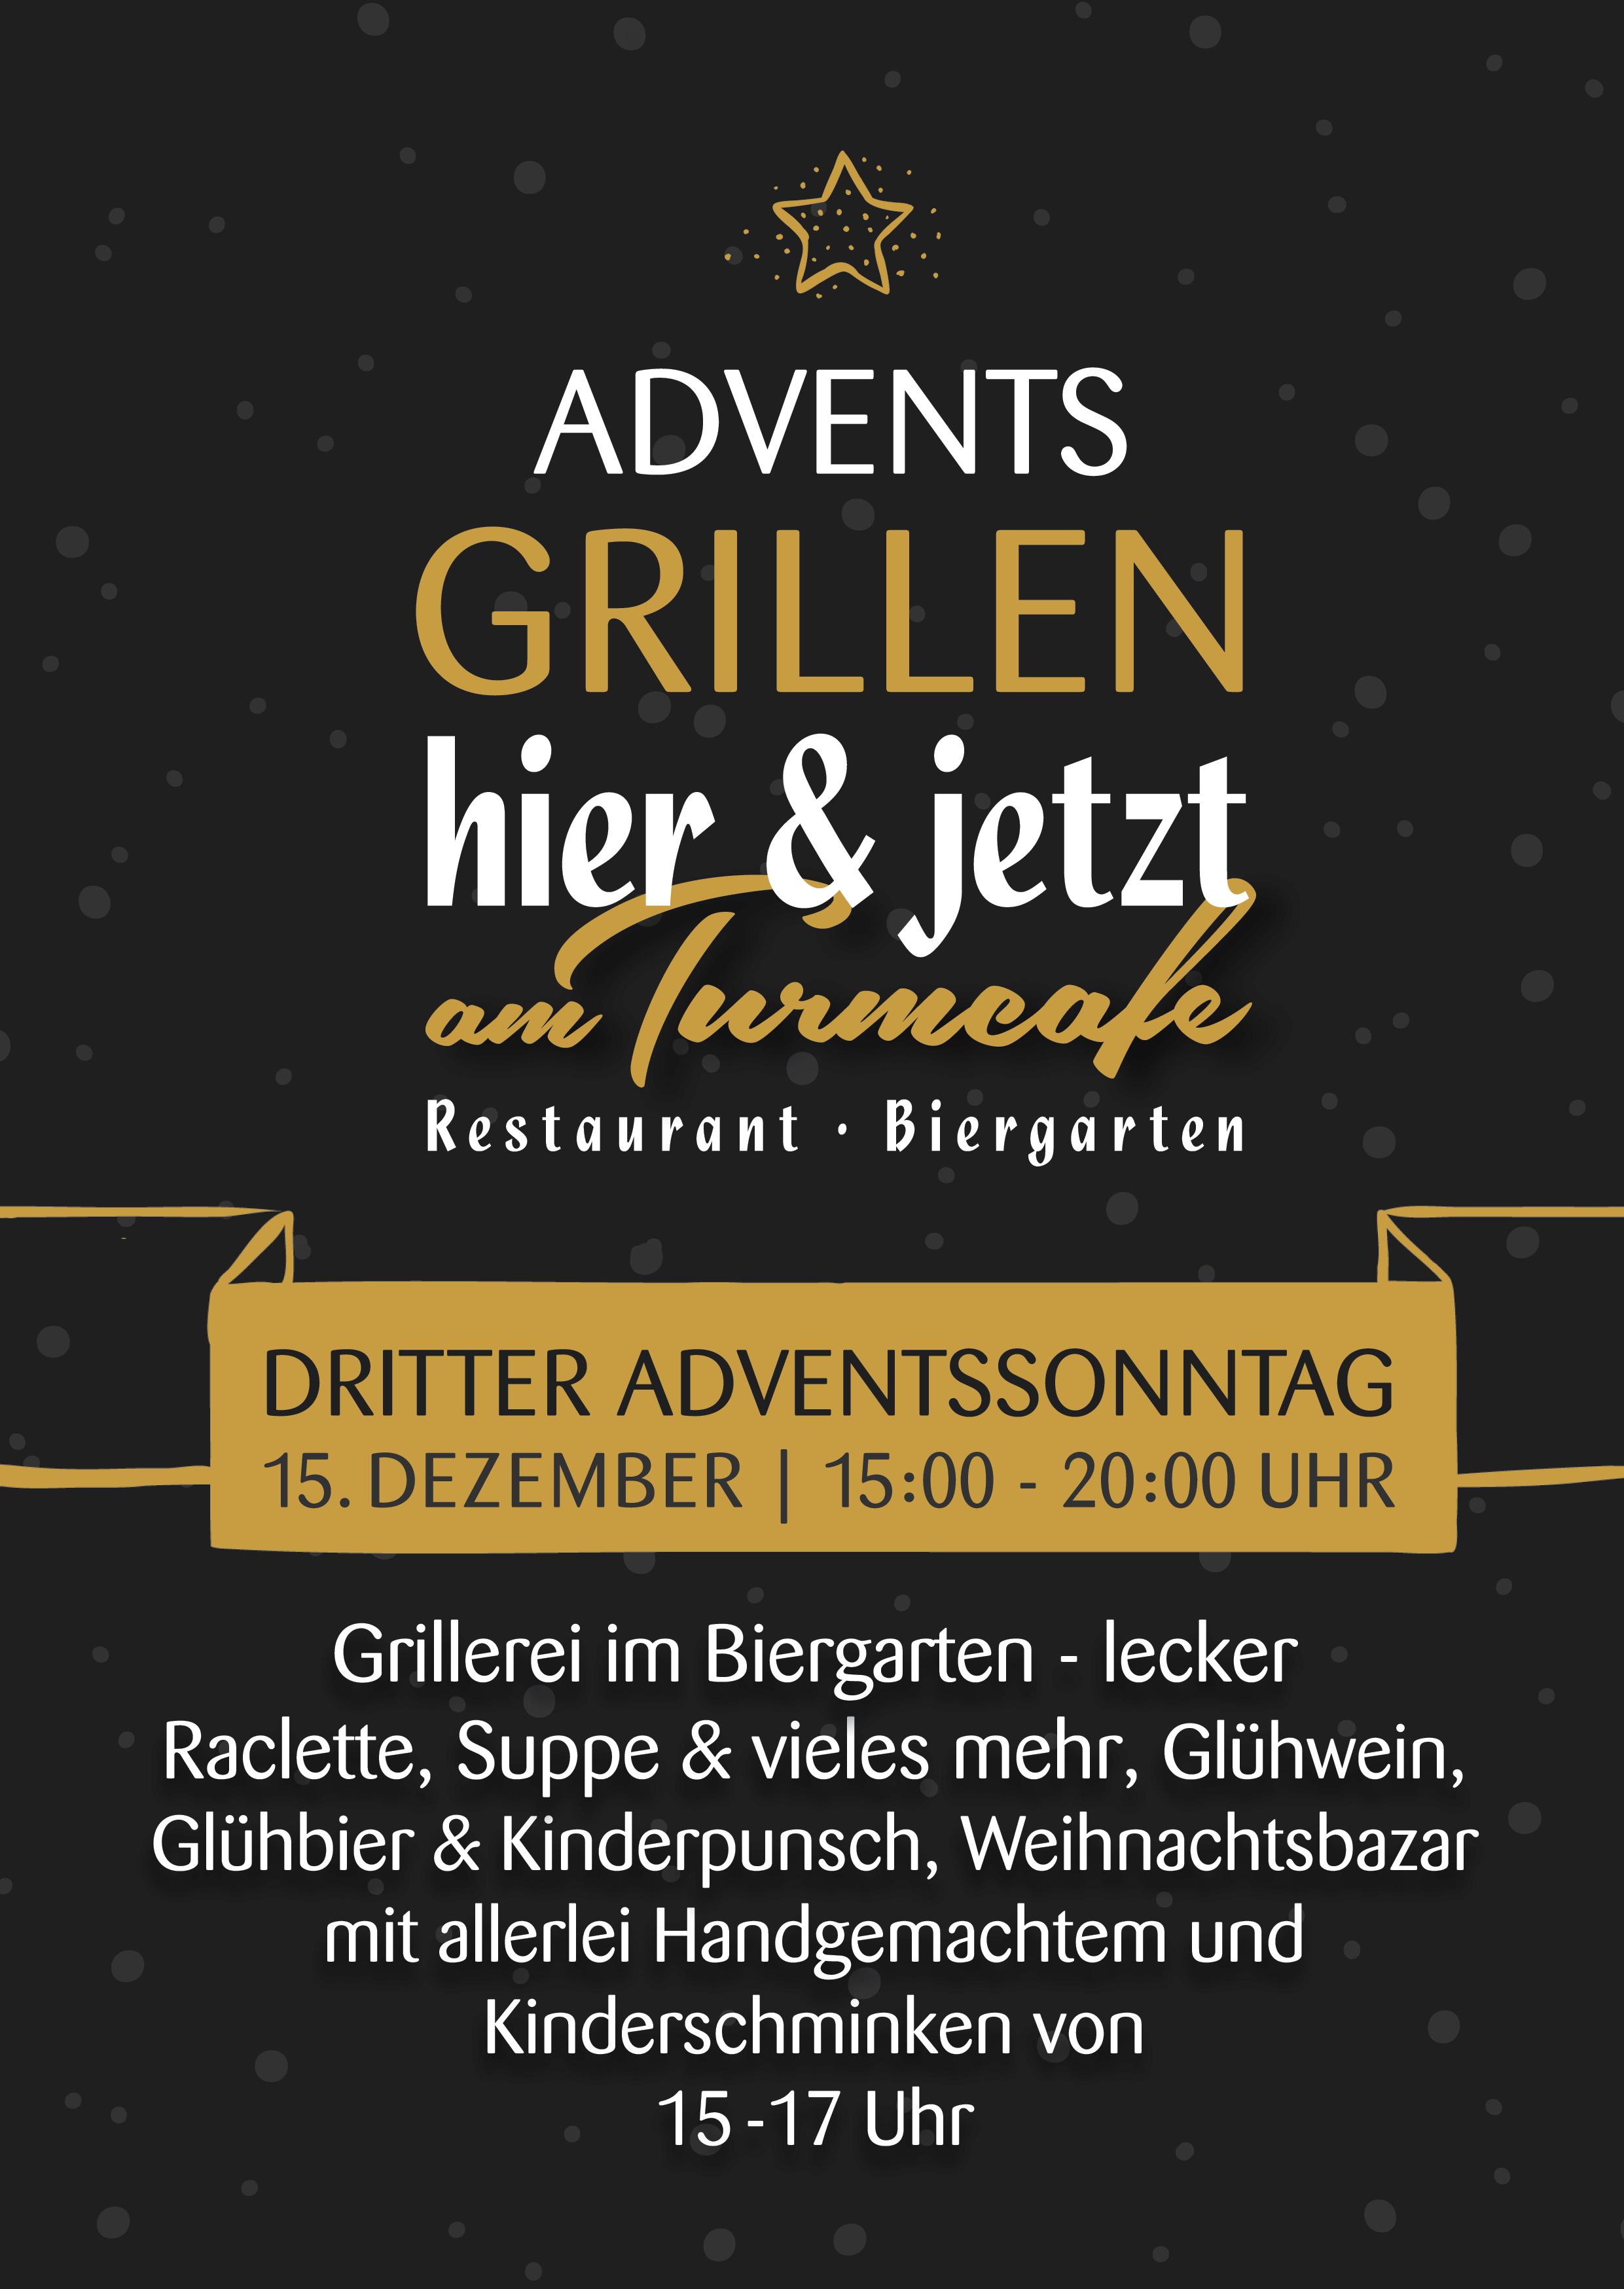 Adventsgrillen im Biergarten Freiburg